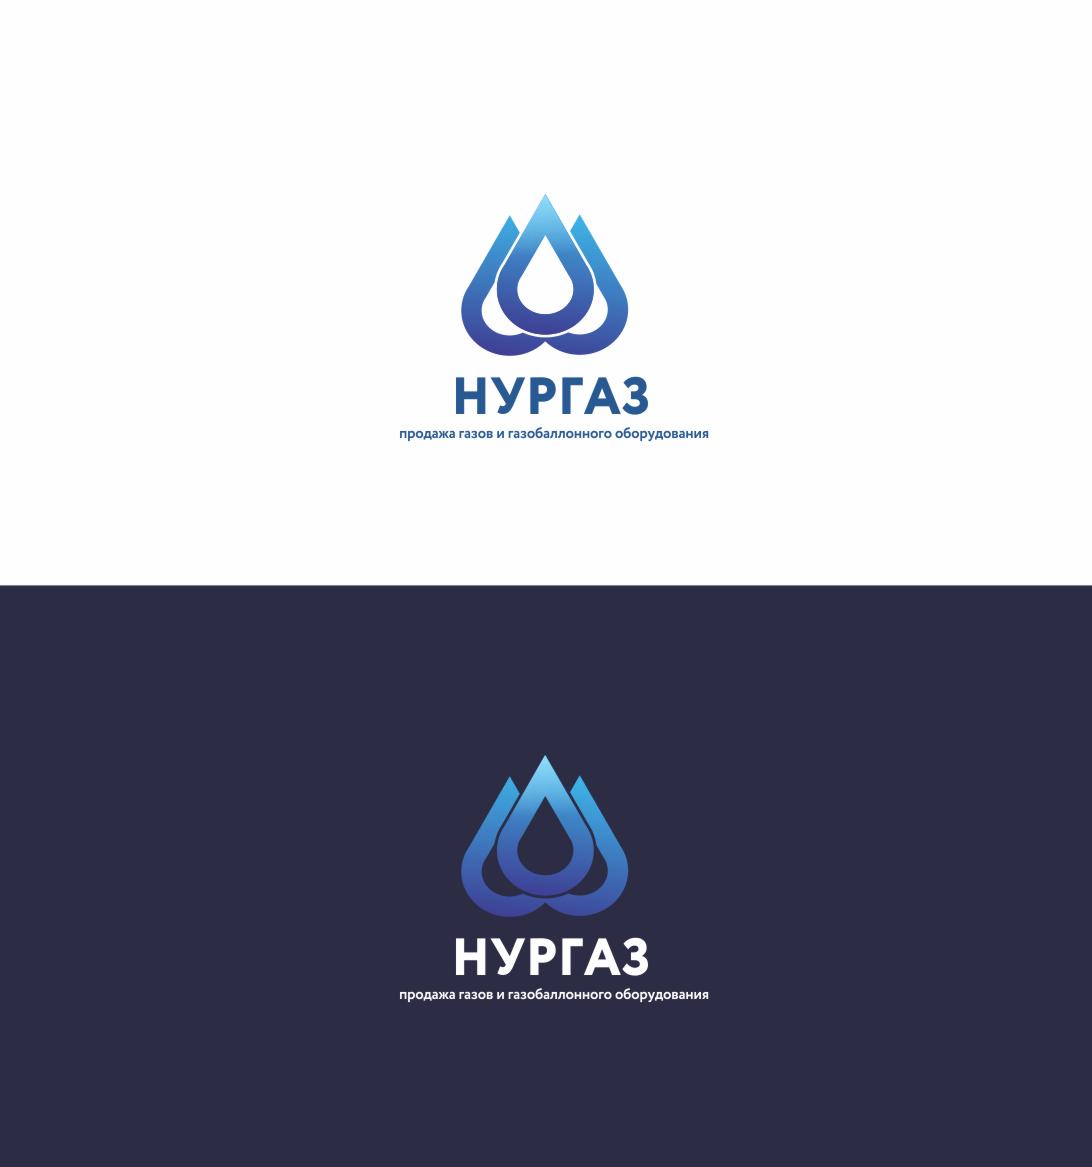 Разработка логотипа и фирменного стиля фото f_9175da3f6deed5a0.jpg